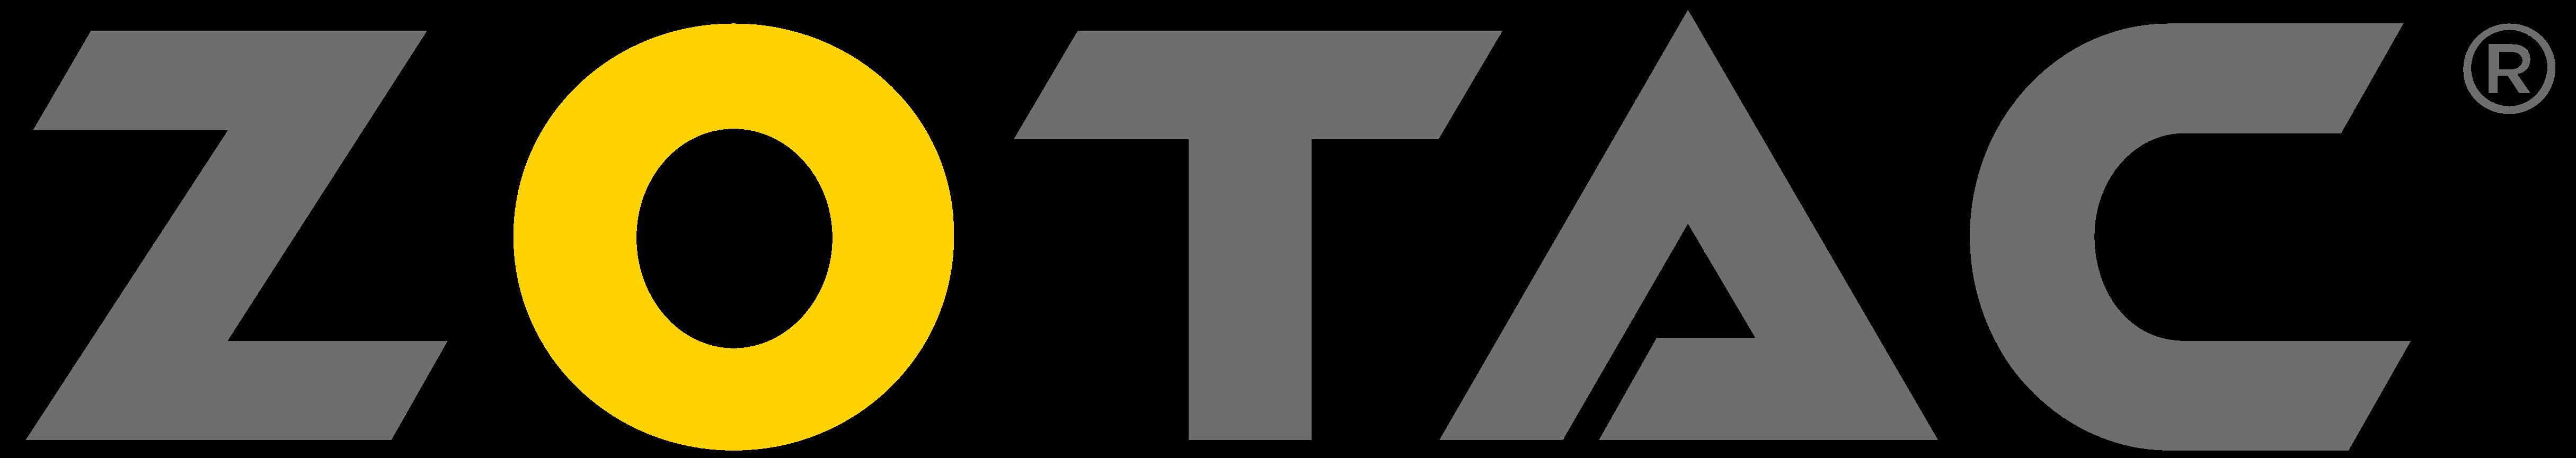 ผลการค้นหารูปภาพสำหรับ zotac logo